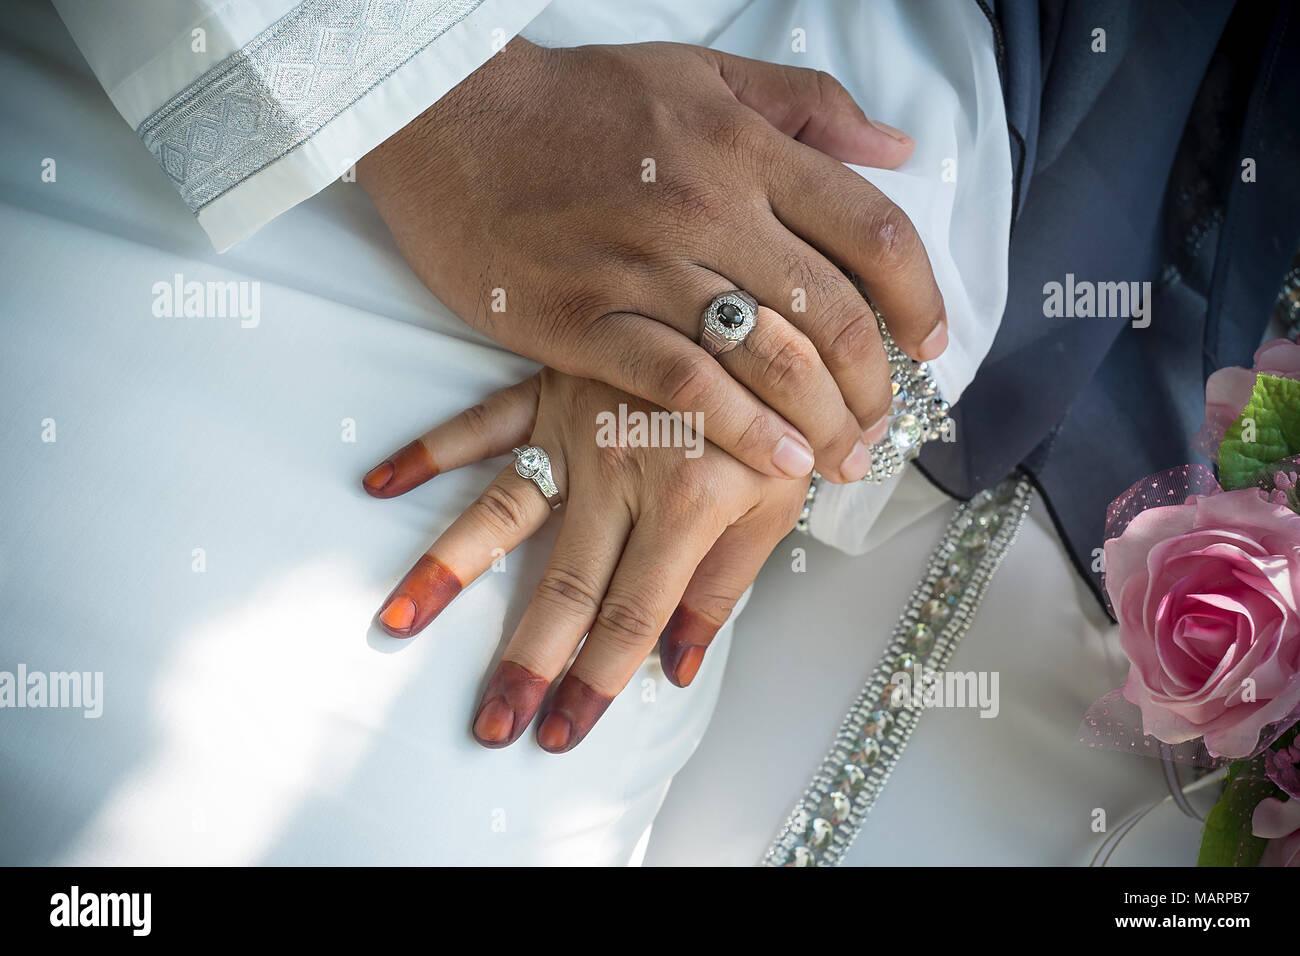 Seite ehering islam welche Antrag, Hochzeit,